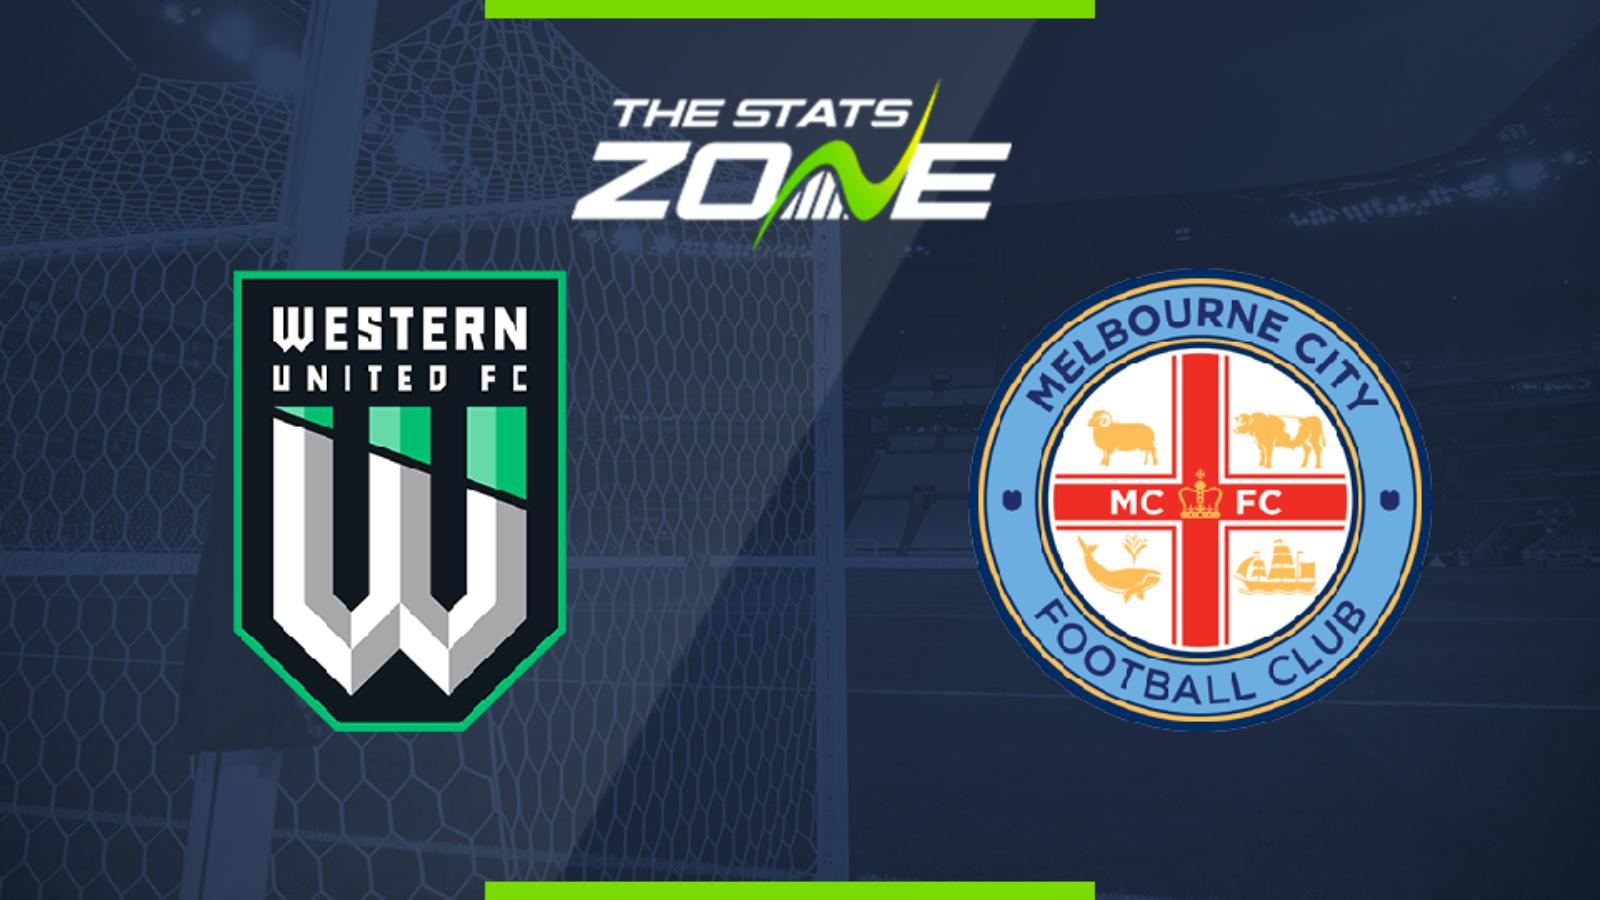 澳洲甲8-19 17:30西部联vs墨尔本城,西部联胜利在望